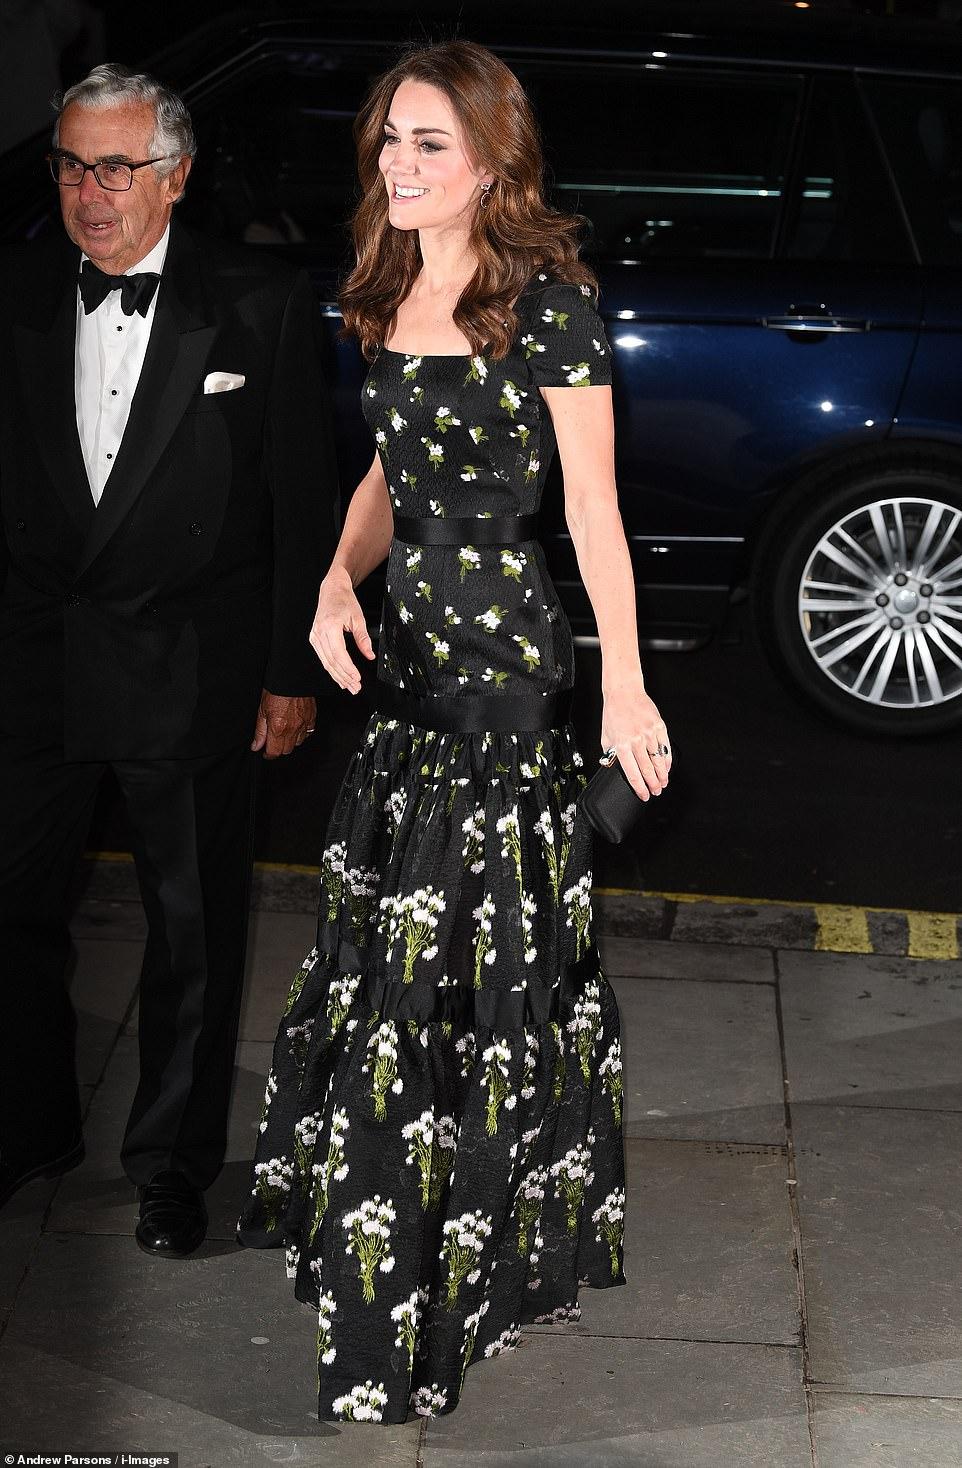 Кейт Миддлтон в роскошном платье на приеме в Национальной портретной галерее